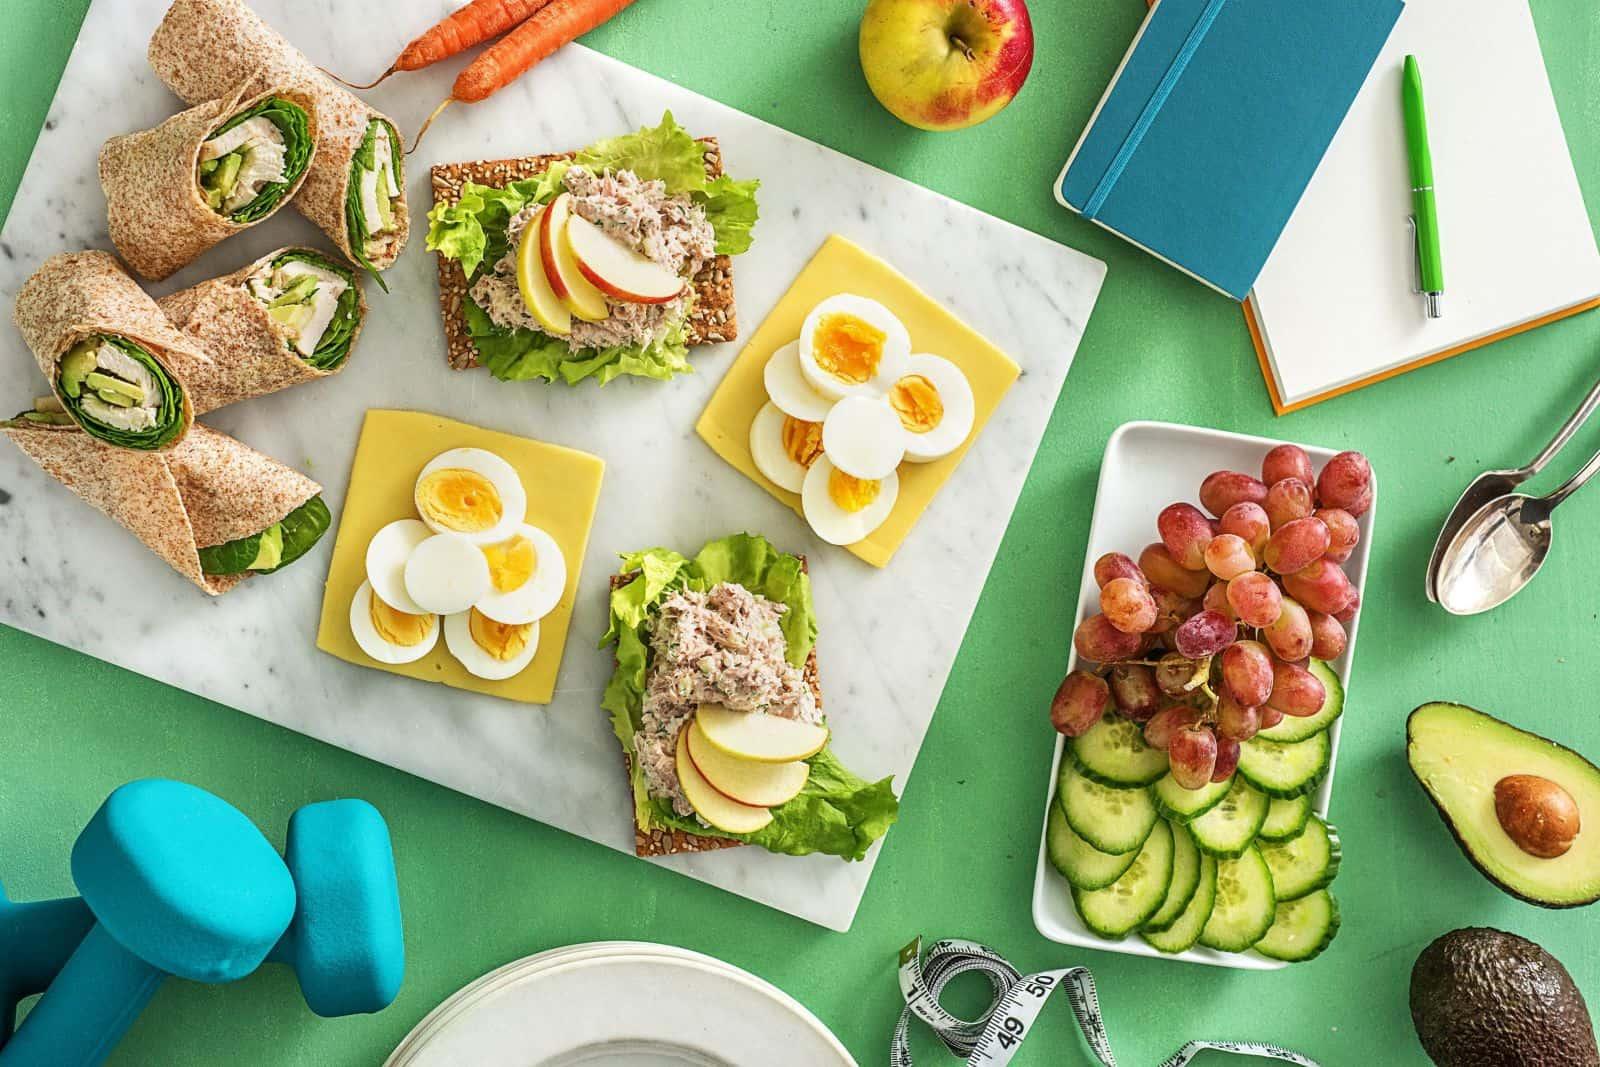 Đam mê ăn uống mà muốn dáng vẫn đẹp, chị em nên tập gym giảm cân đánh bay mỡ thừa - 8